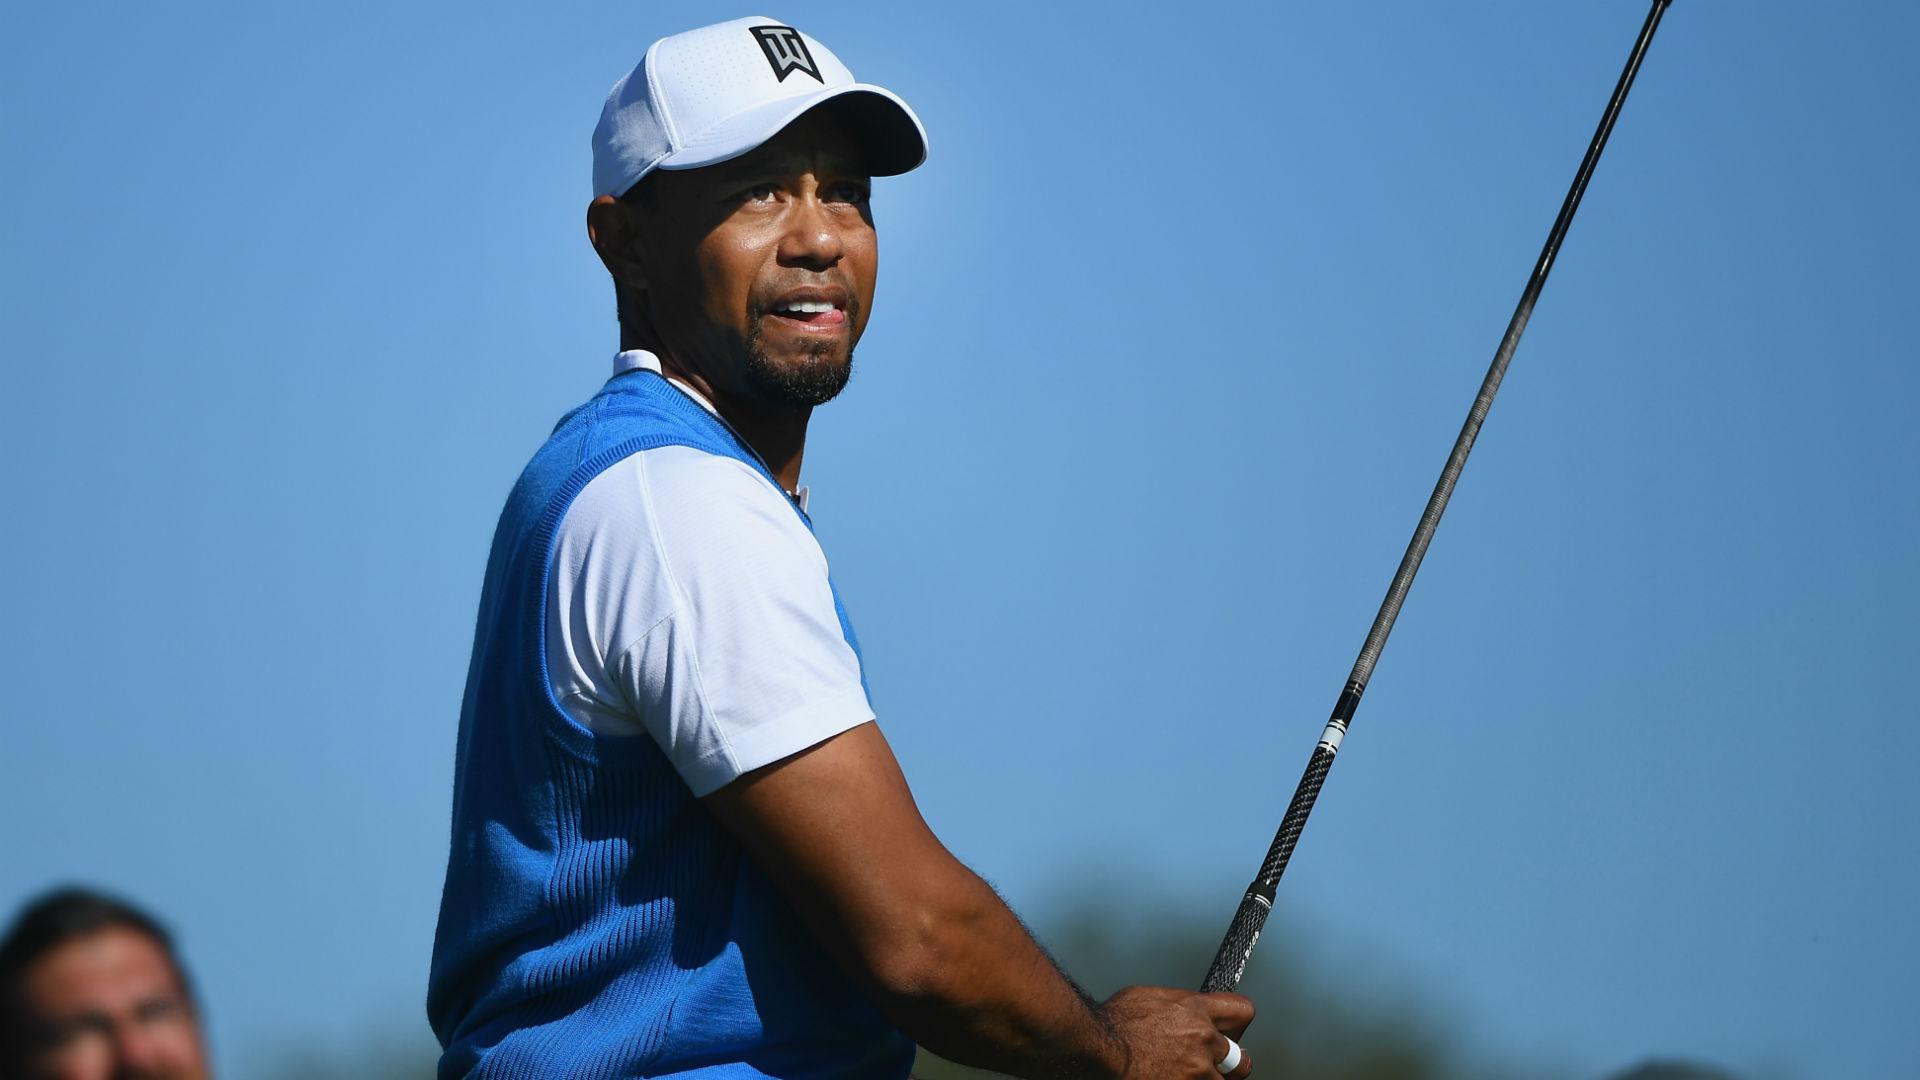 Notah Begay III surprised Tiger Woods returning so soon